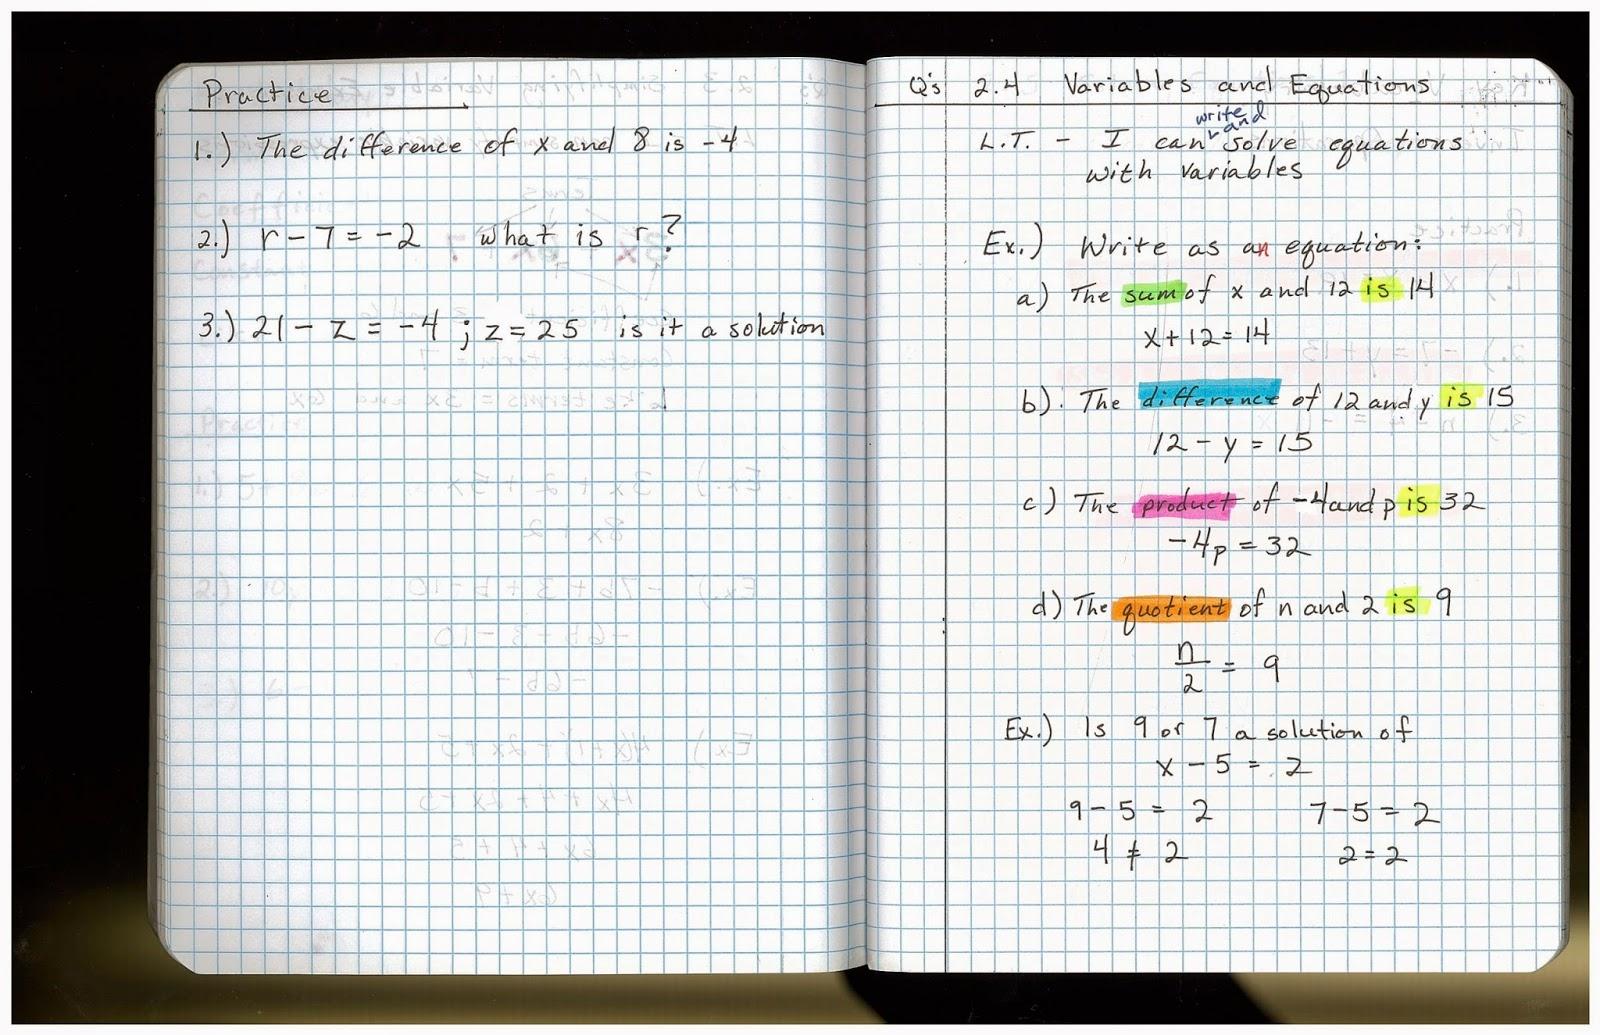 Heidemann 8th Grade Math 7th Period Pre Algebra 10 20